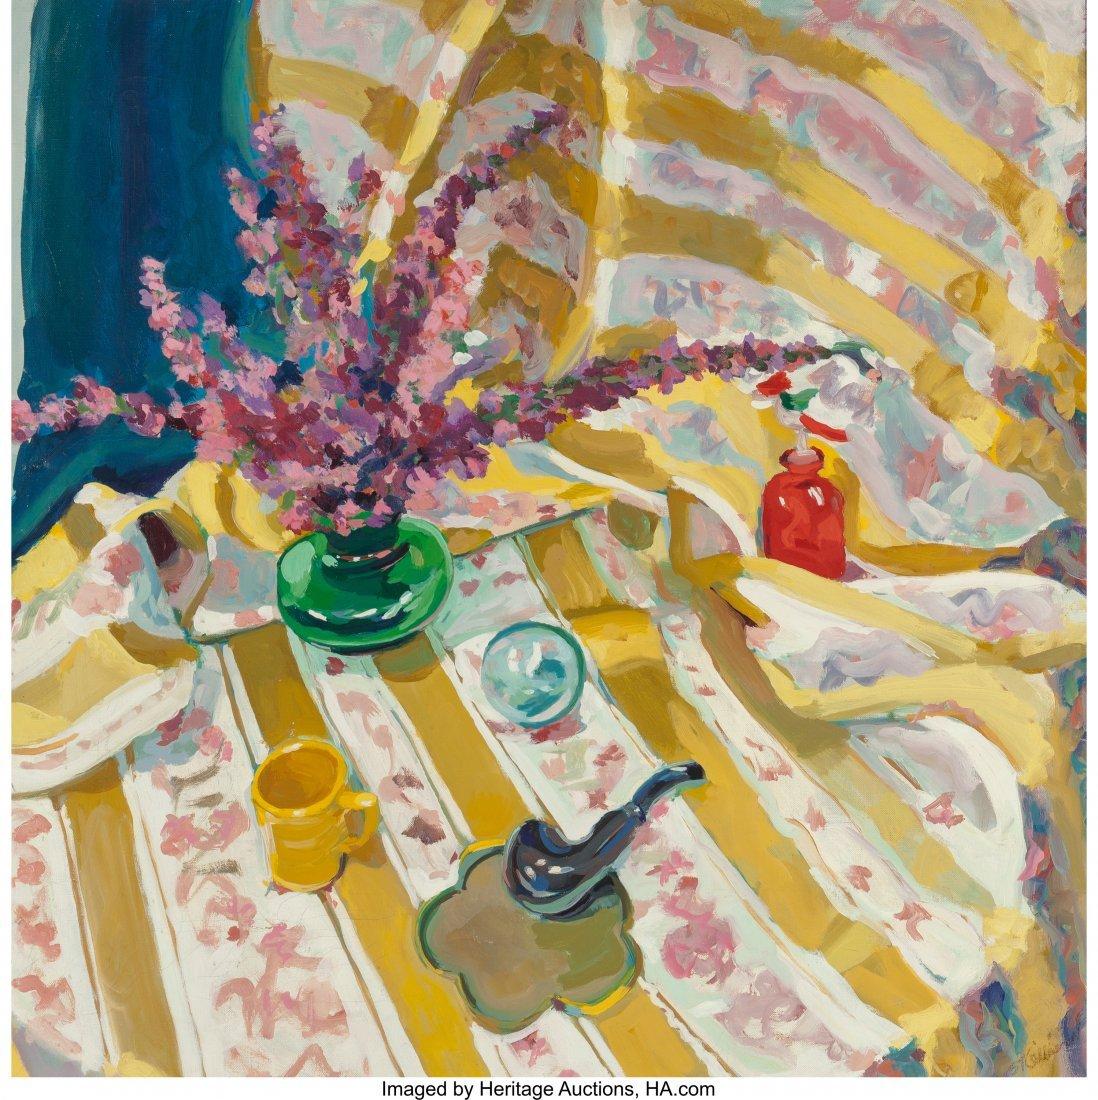 63966: Suzanne Gilliard (American, 20th Century) Still